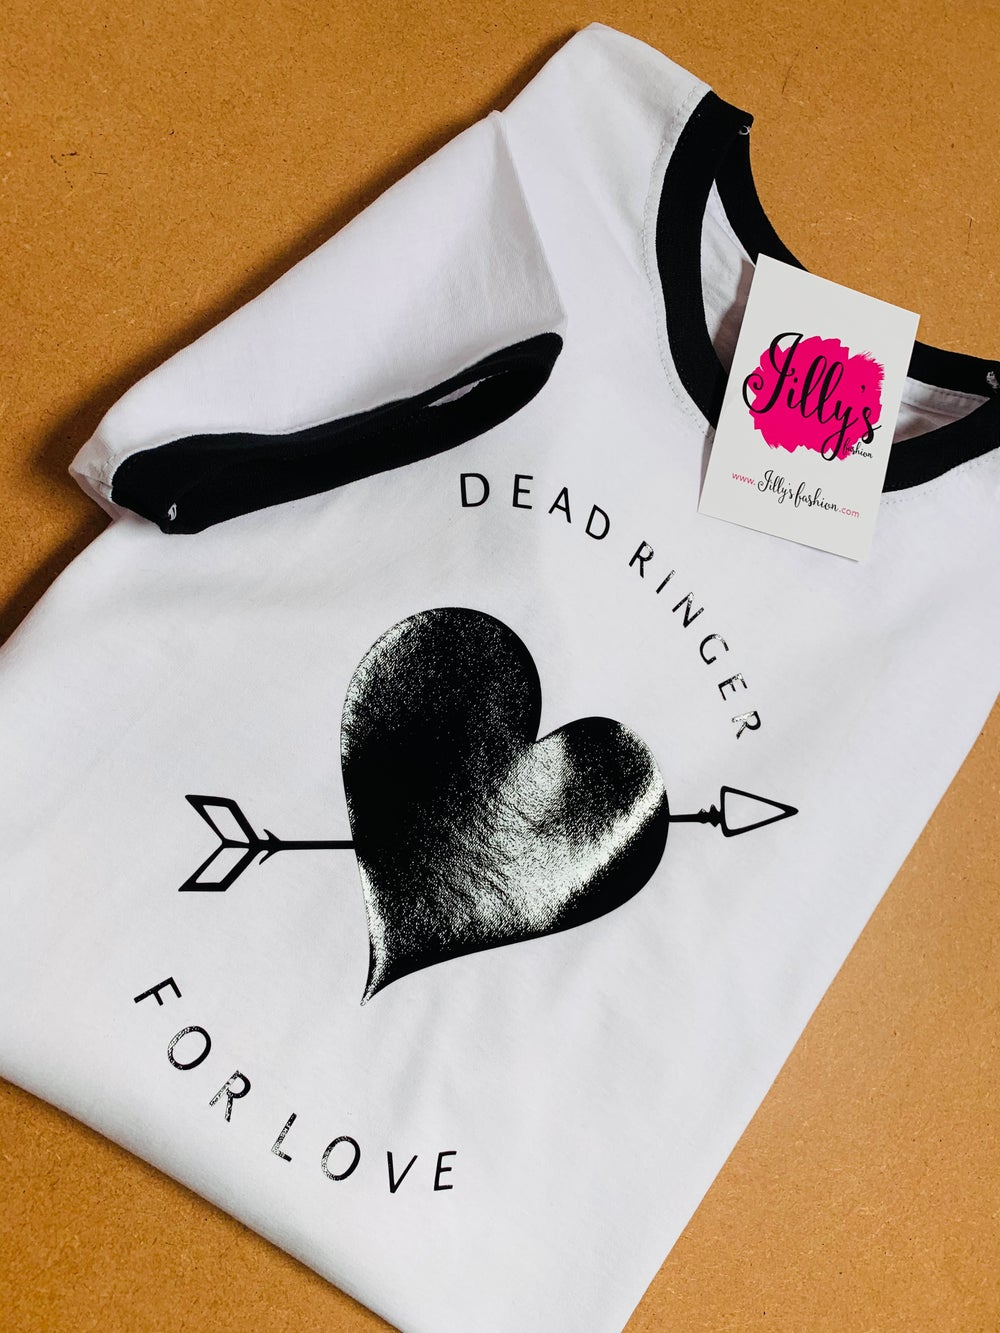 Demi dead ringer for love tee - adult